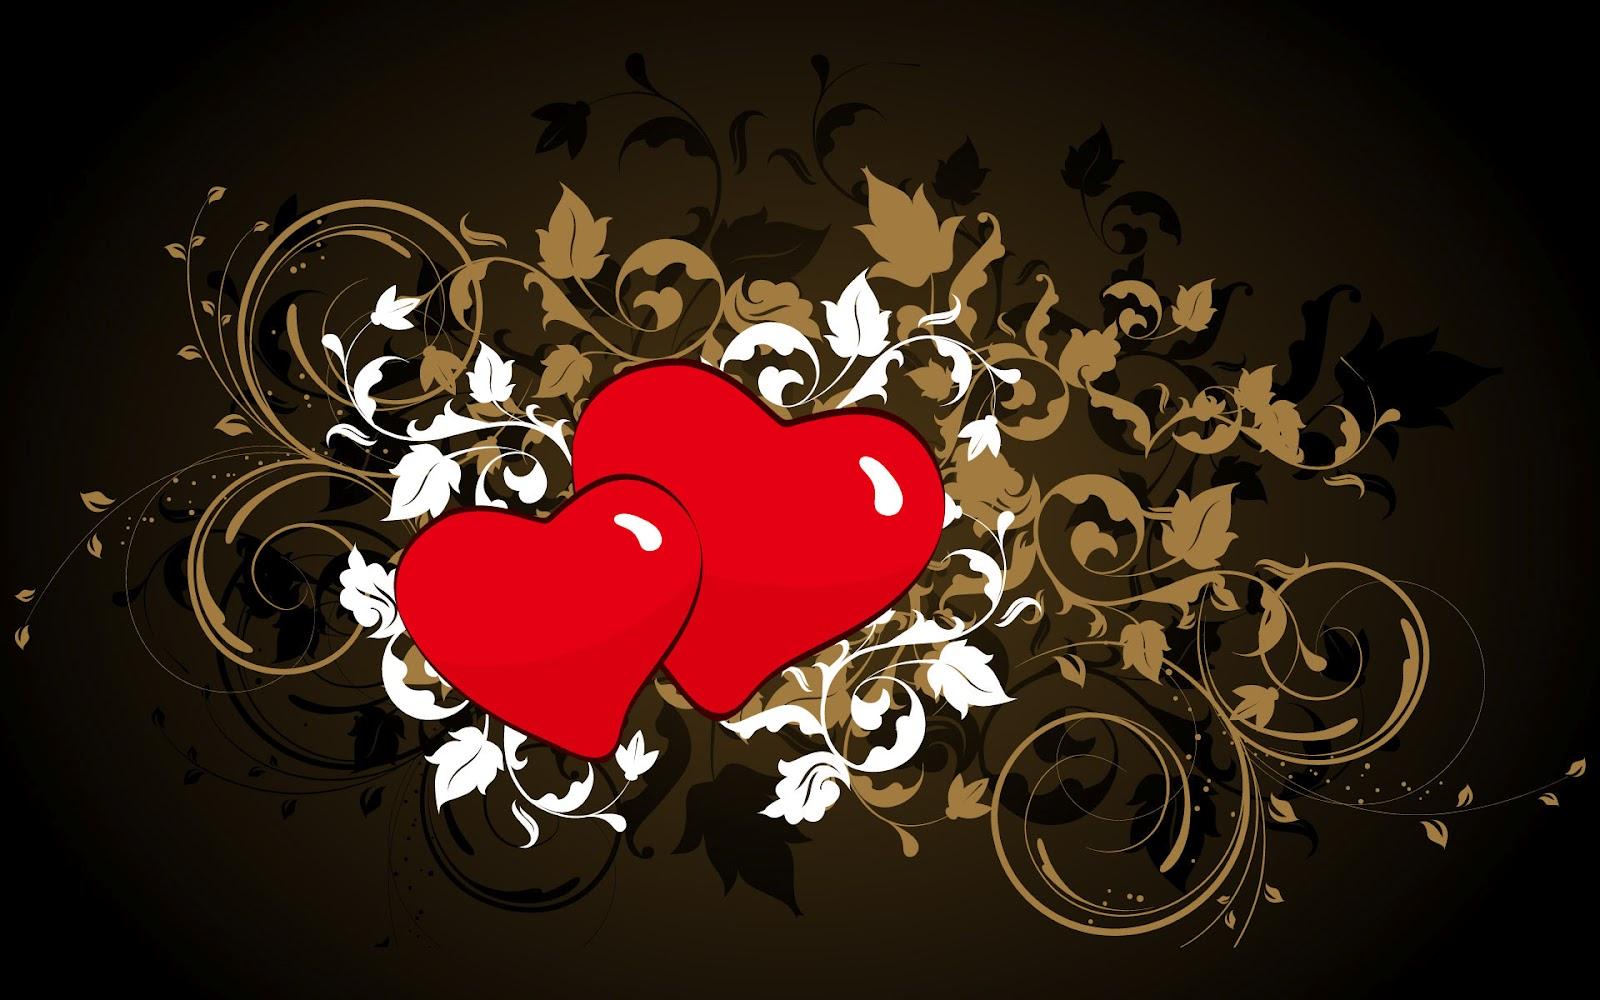 http://3.bp.blogspot.com/-nJDfkQ43Xa4/T6oZTcDJ4rI/AAAAAAAAA0Q/aJ4D4Ltd_IA/s1600/Love-Wallpaper-love-4187474-1920-1200.jpg